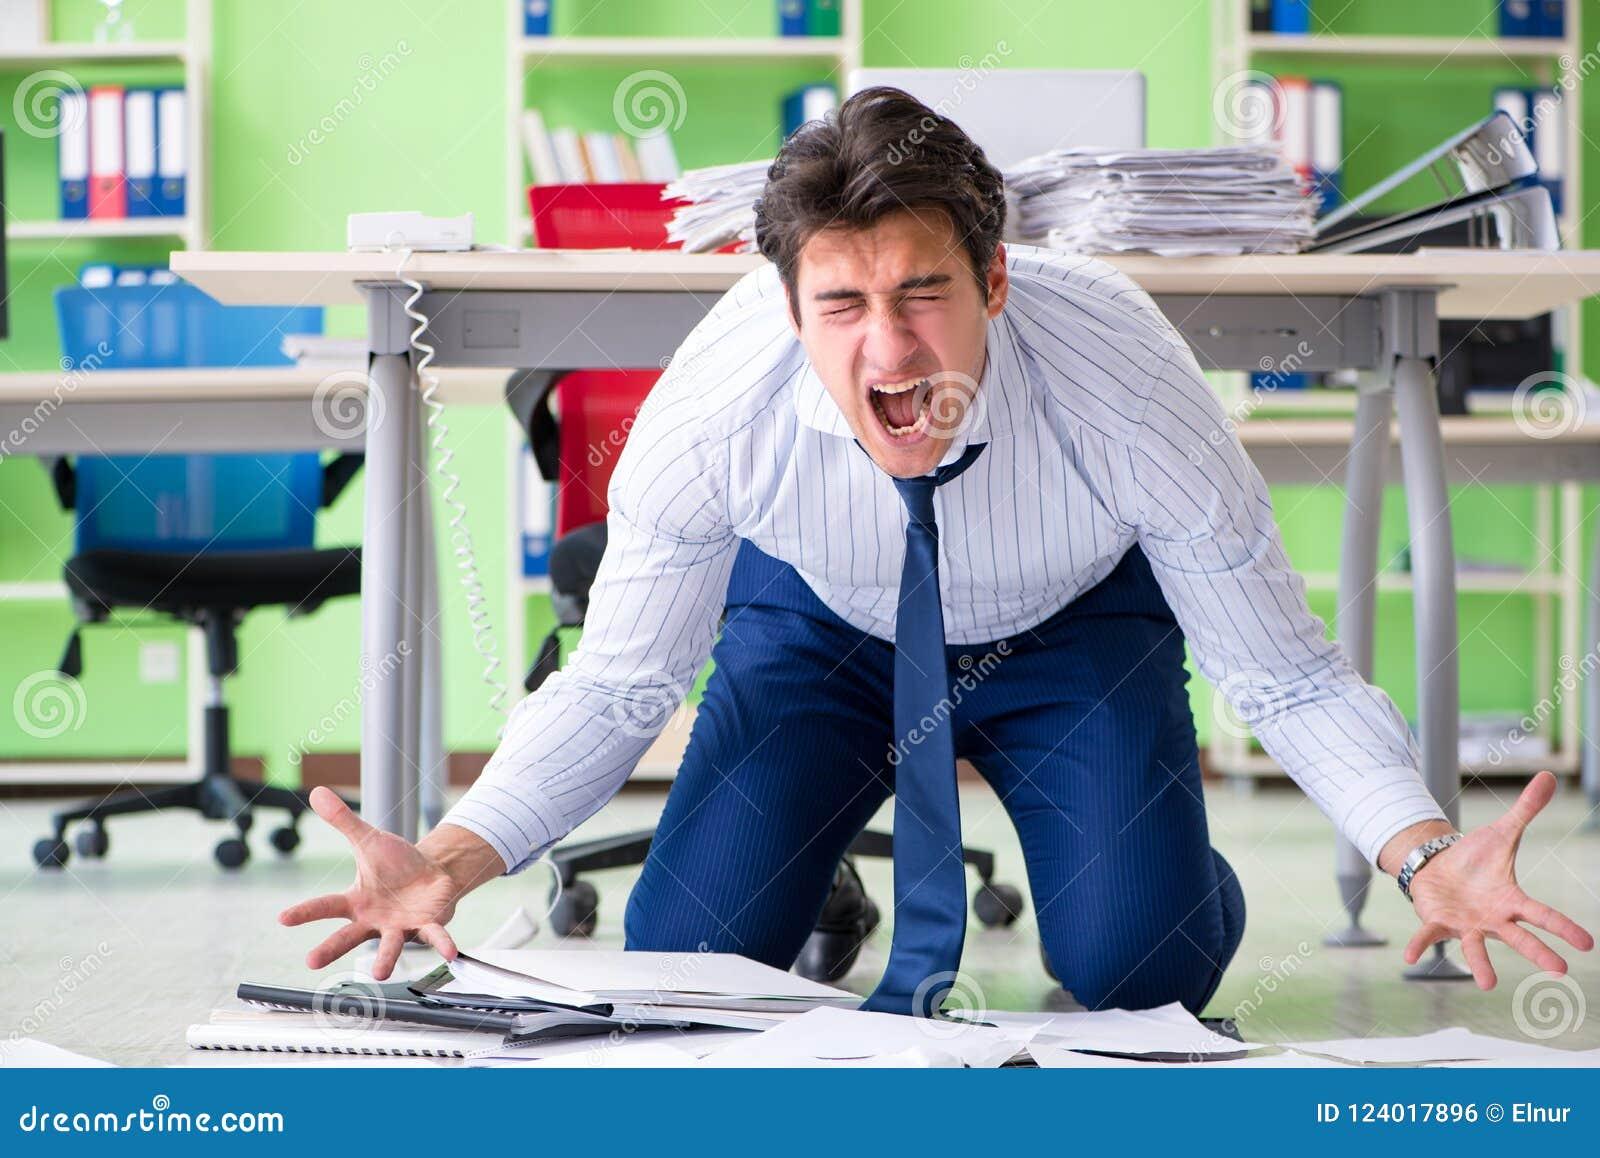 Sfrustowany biznesmen stresujący się od przesadnej pracy